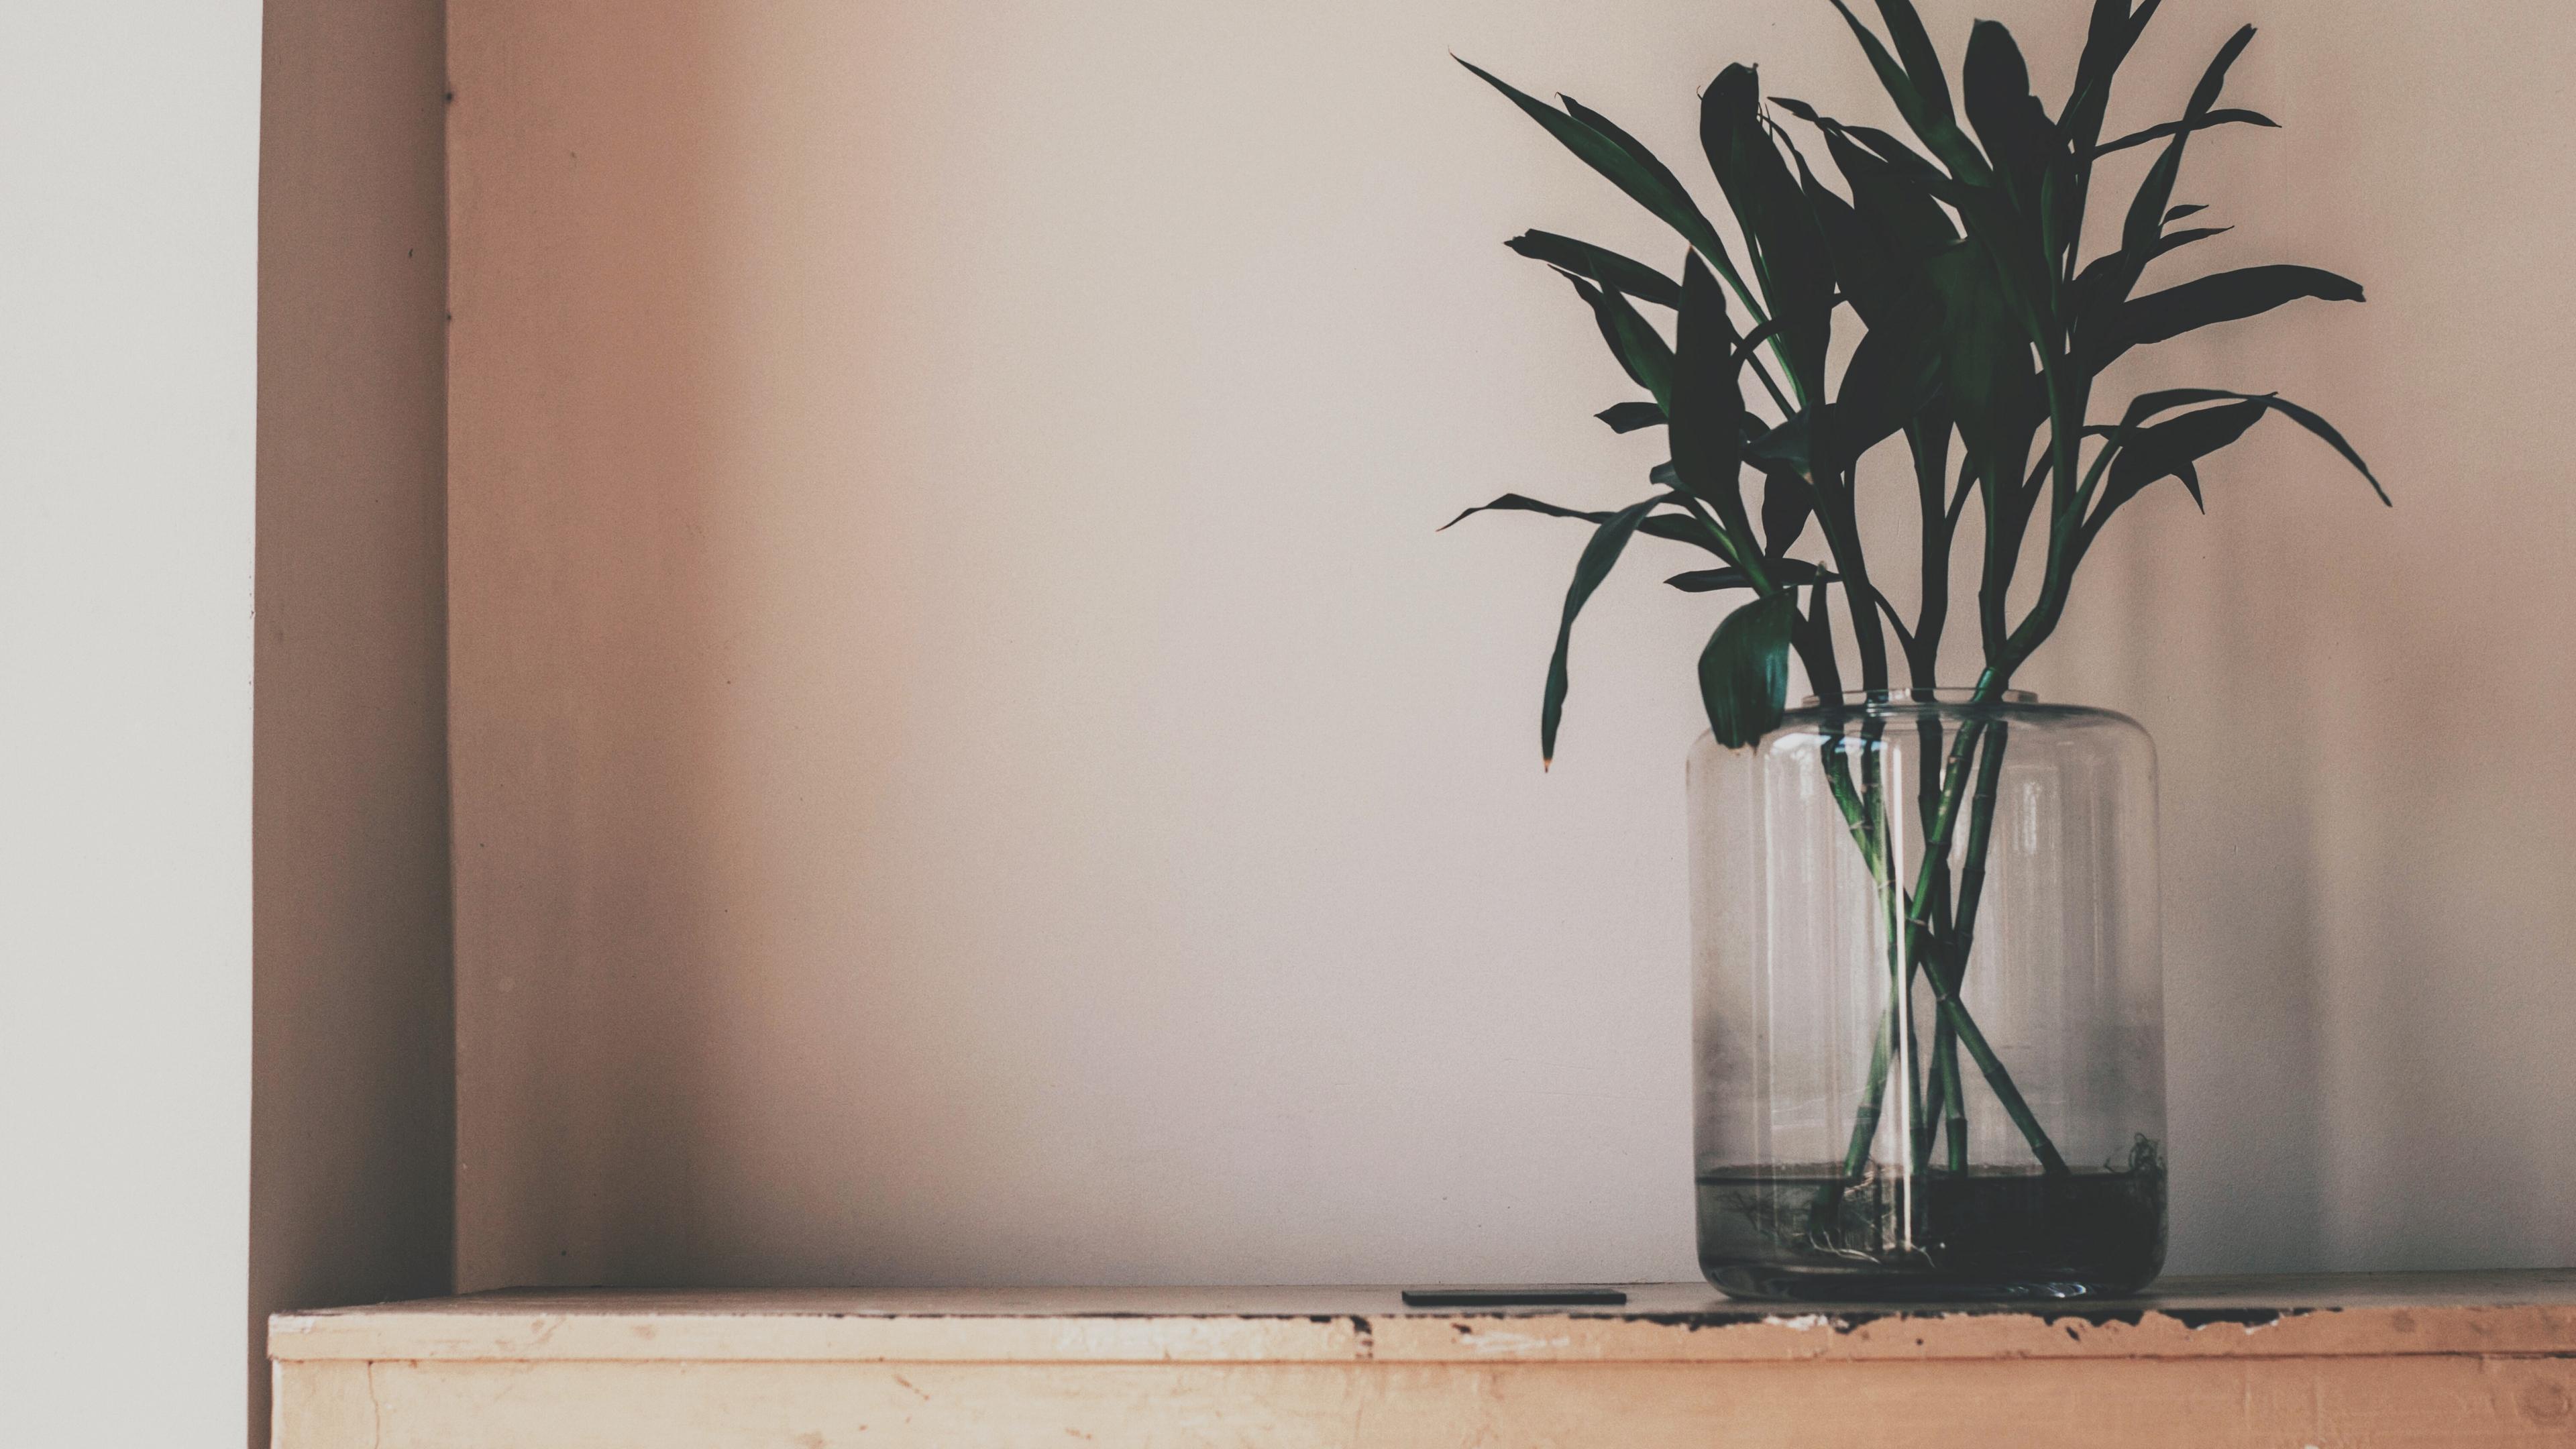 plant vase leaves 4k 1540064194 - plant, vase, leaves 4k - Vase, Plant, Leaves